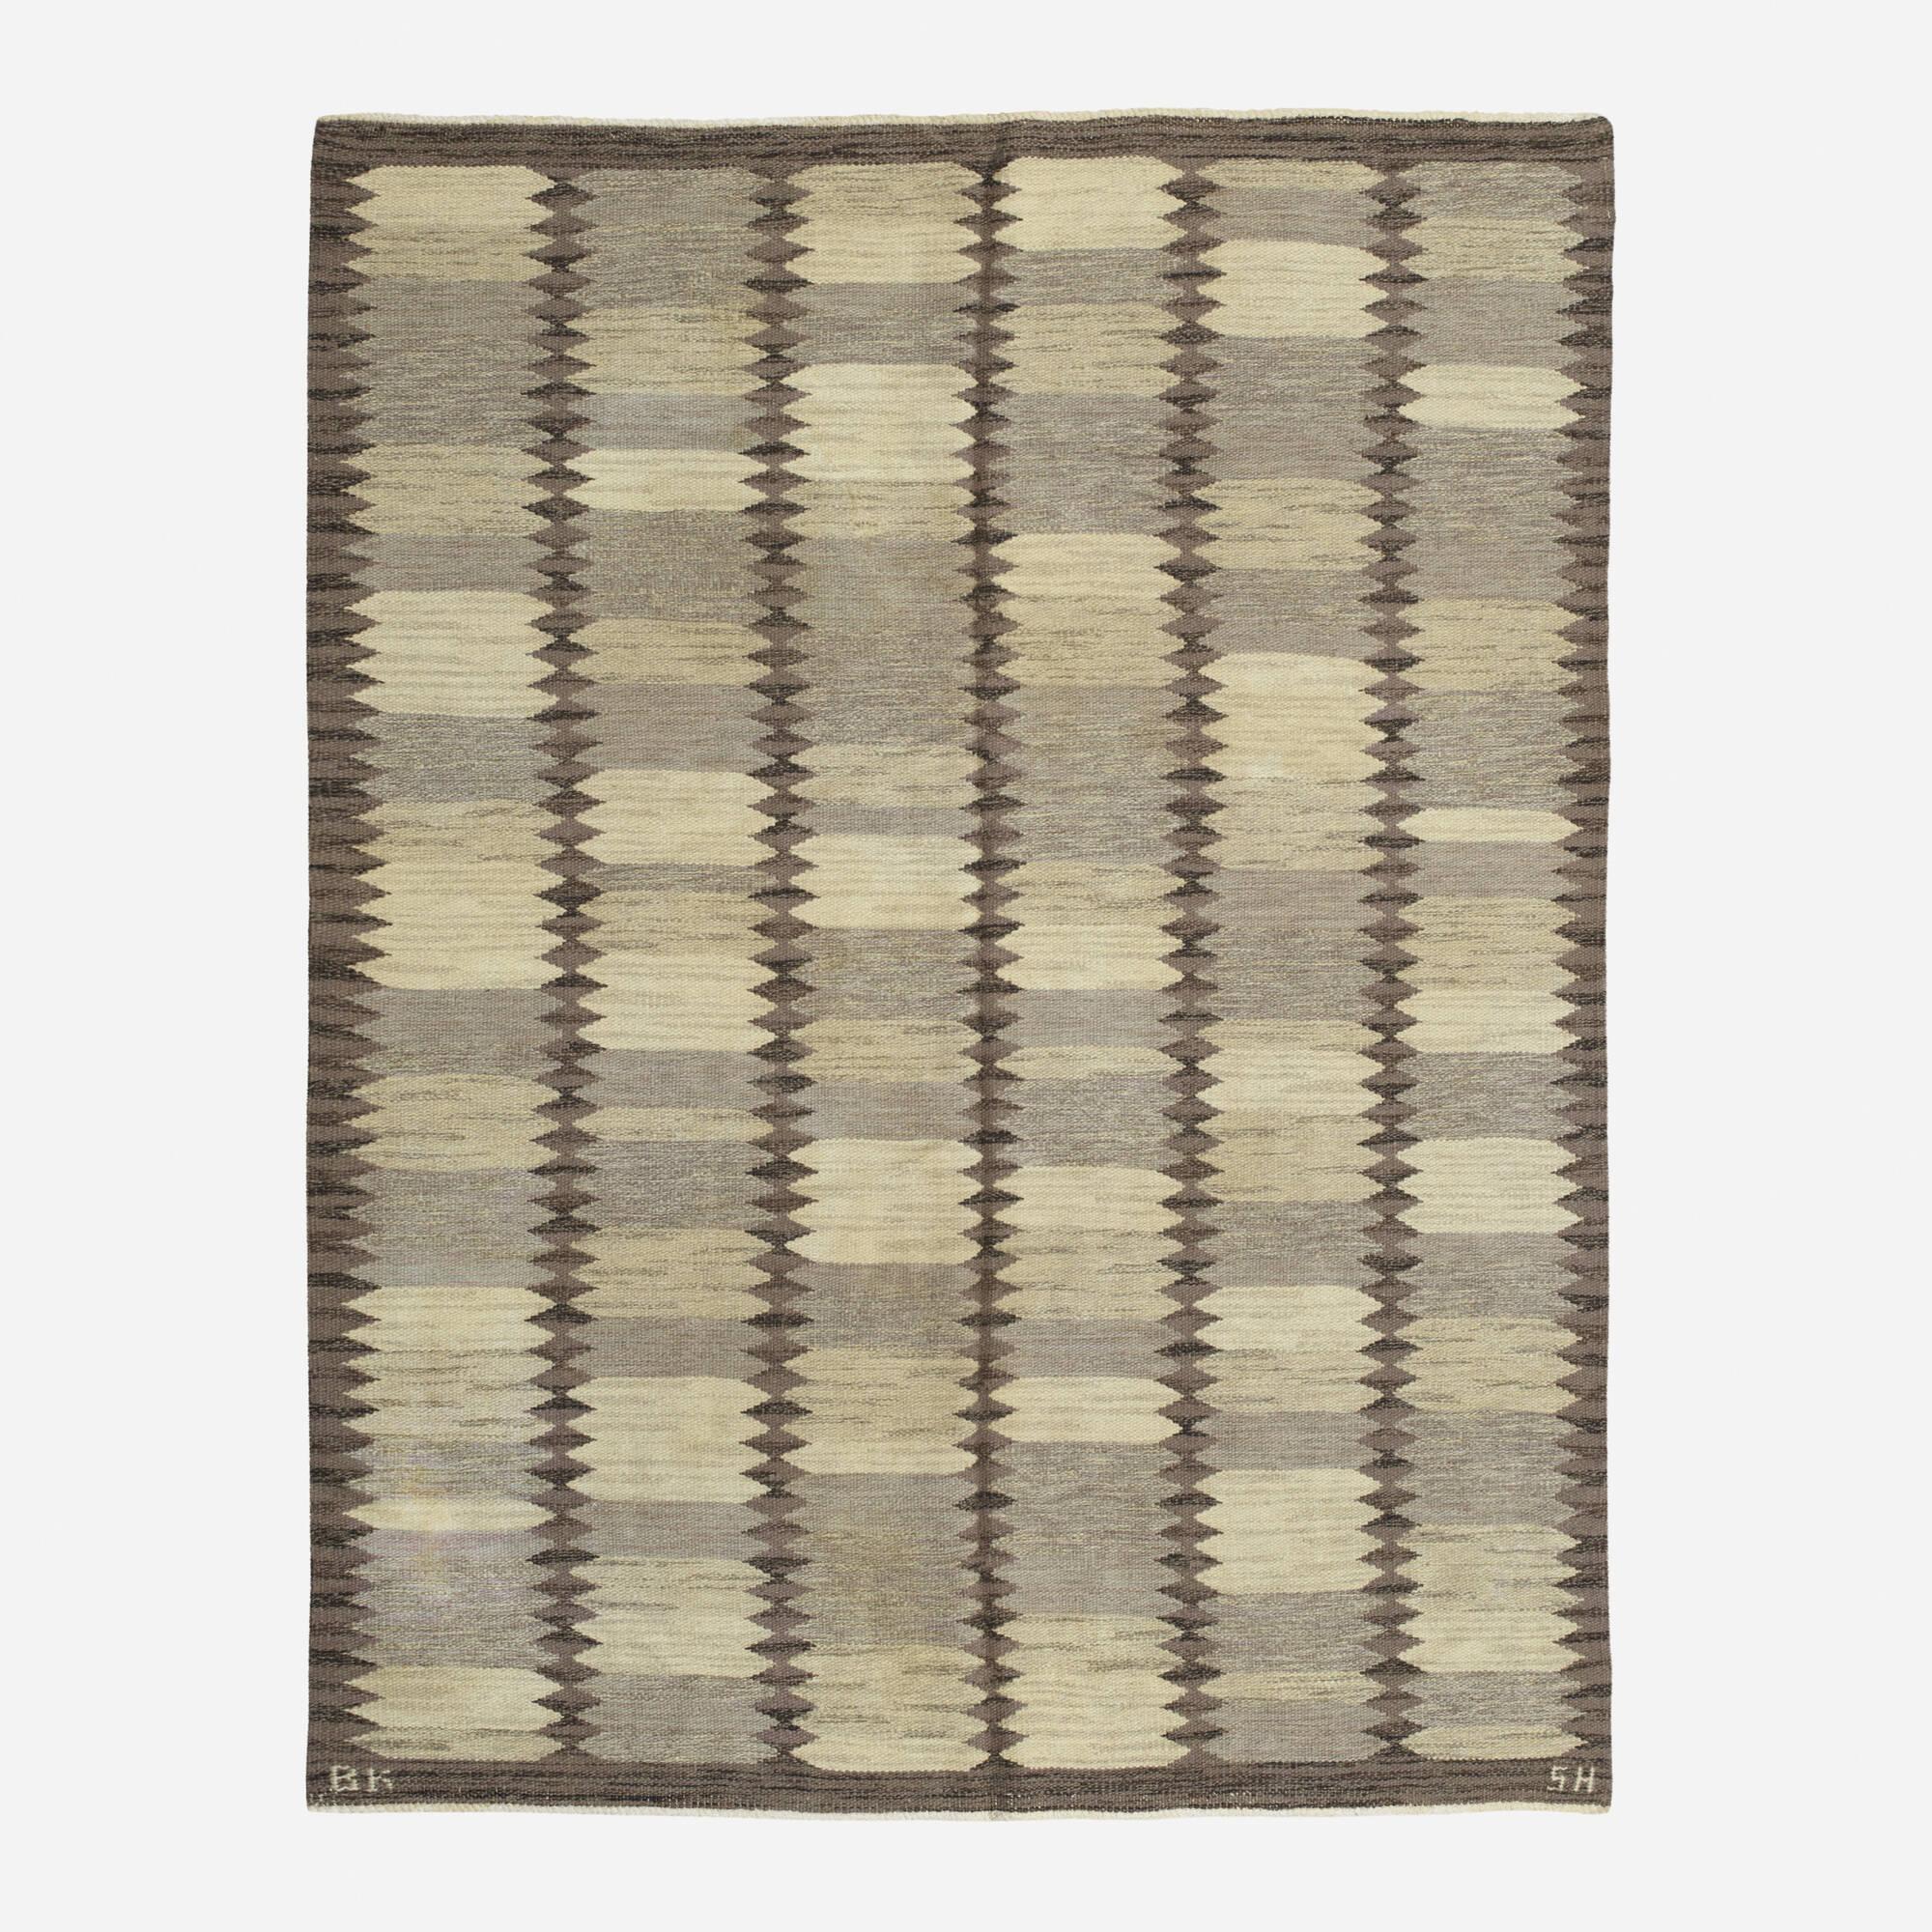 227: Berit Koenig / flatweave carpet (1 of 2)